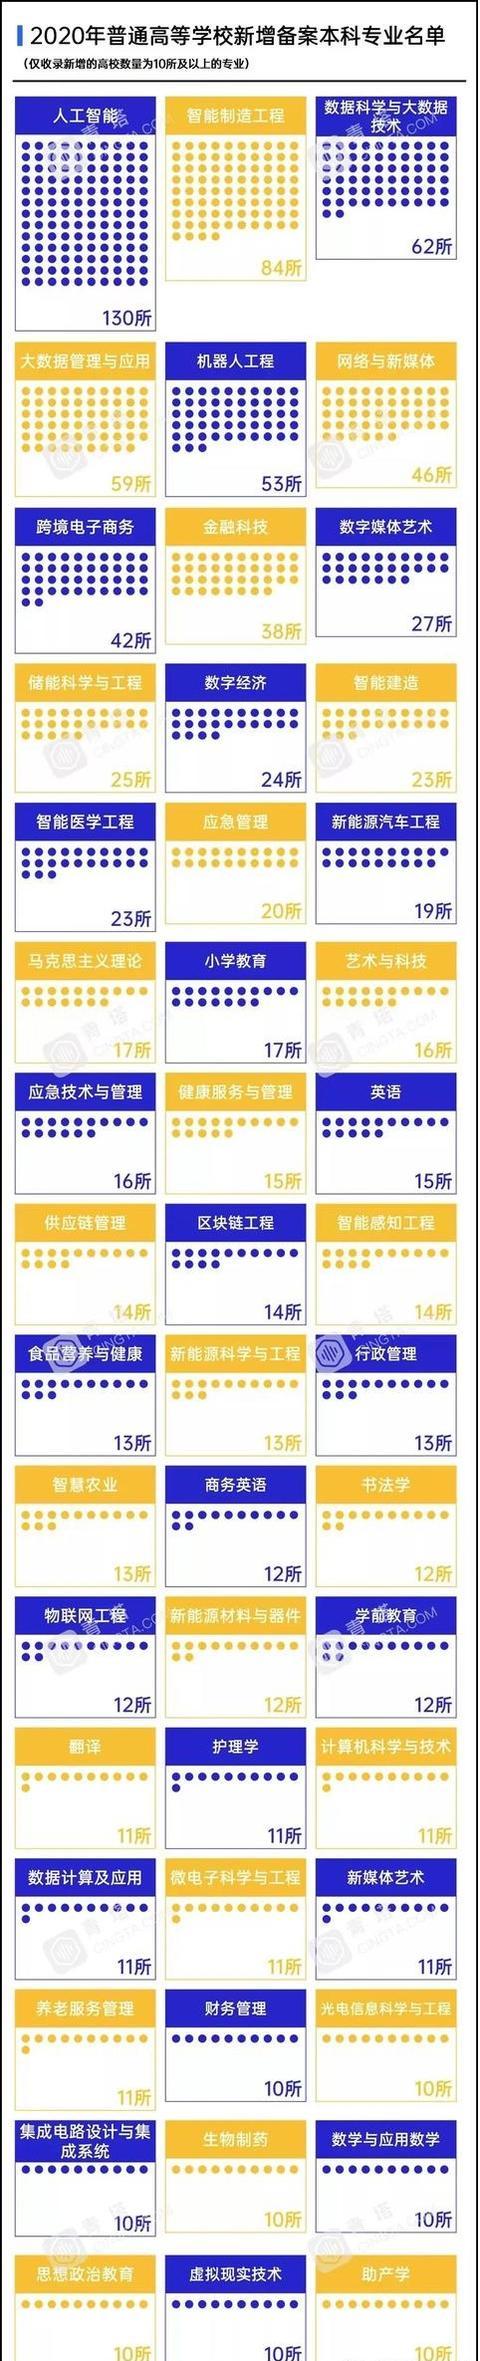 人工智能学校北京(人工智能课程)